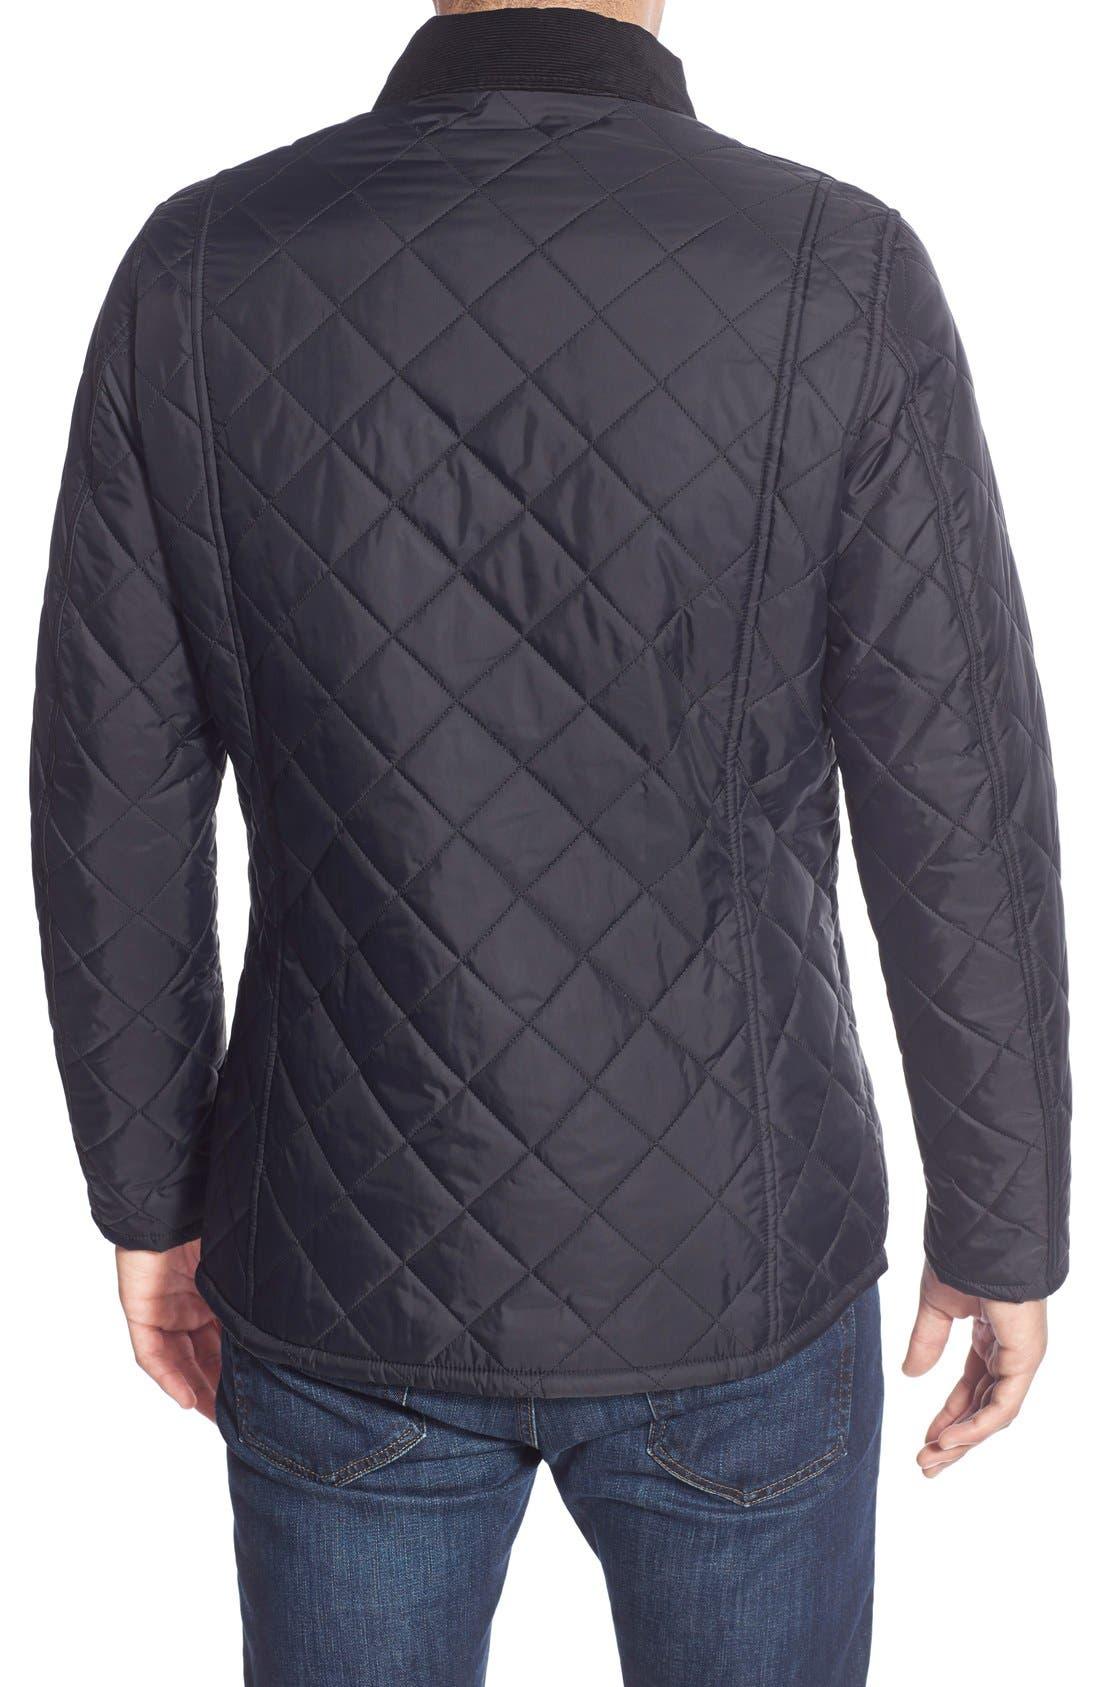 Alternate Image 2  - Barbour 'Akenside' Regular Fit Quilted Jacket